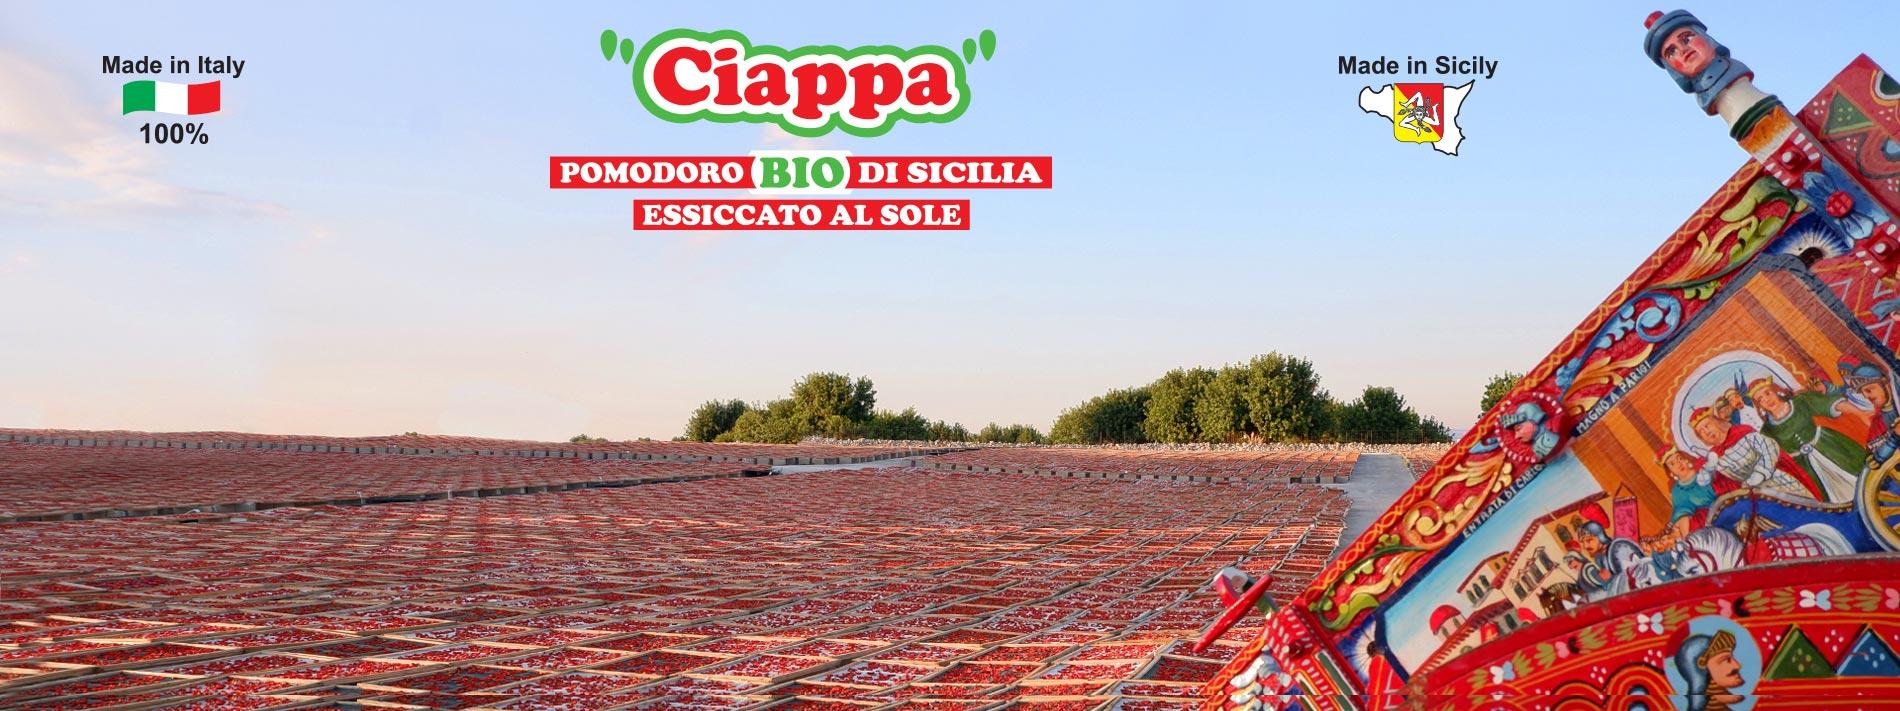 Ciappa (pomodori bio di sicilia essiccati al sole) Agriblea